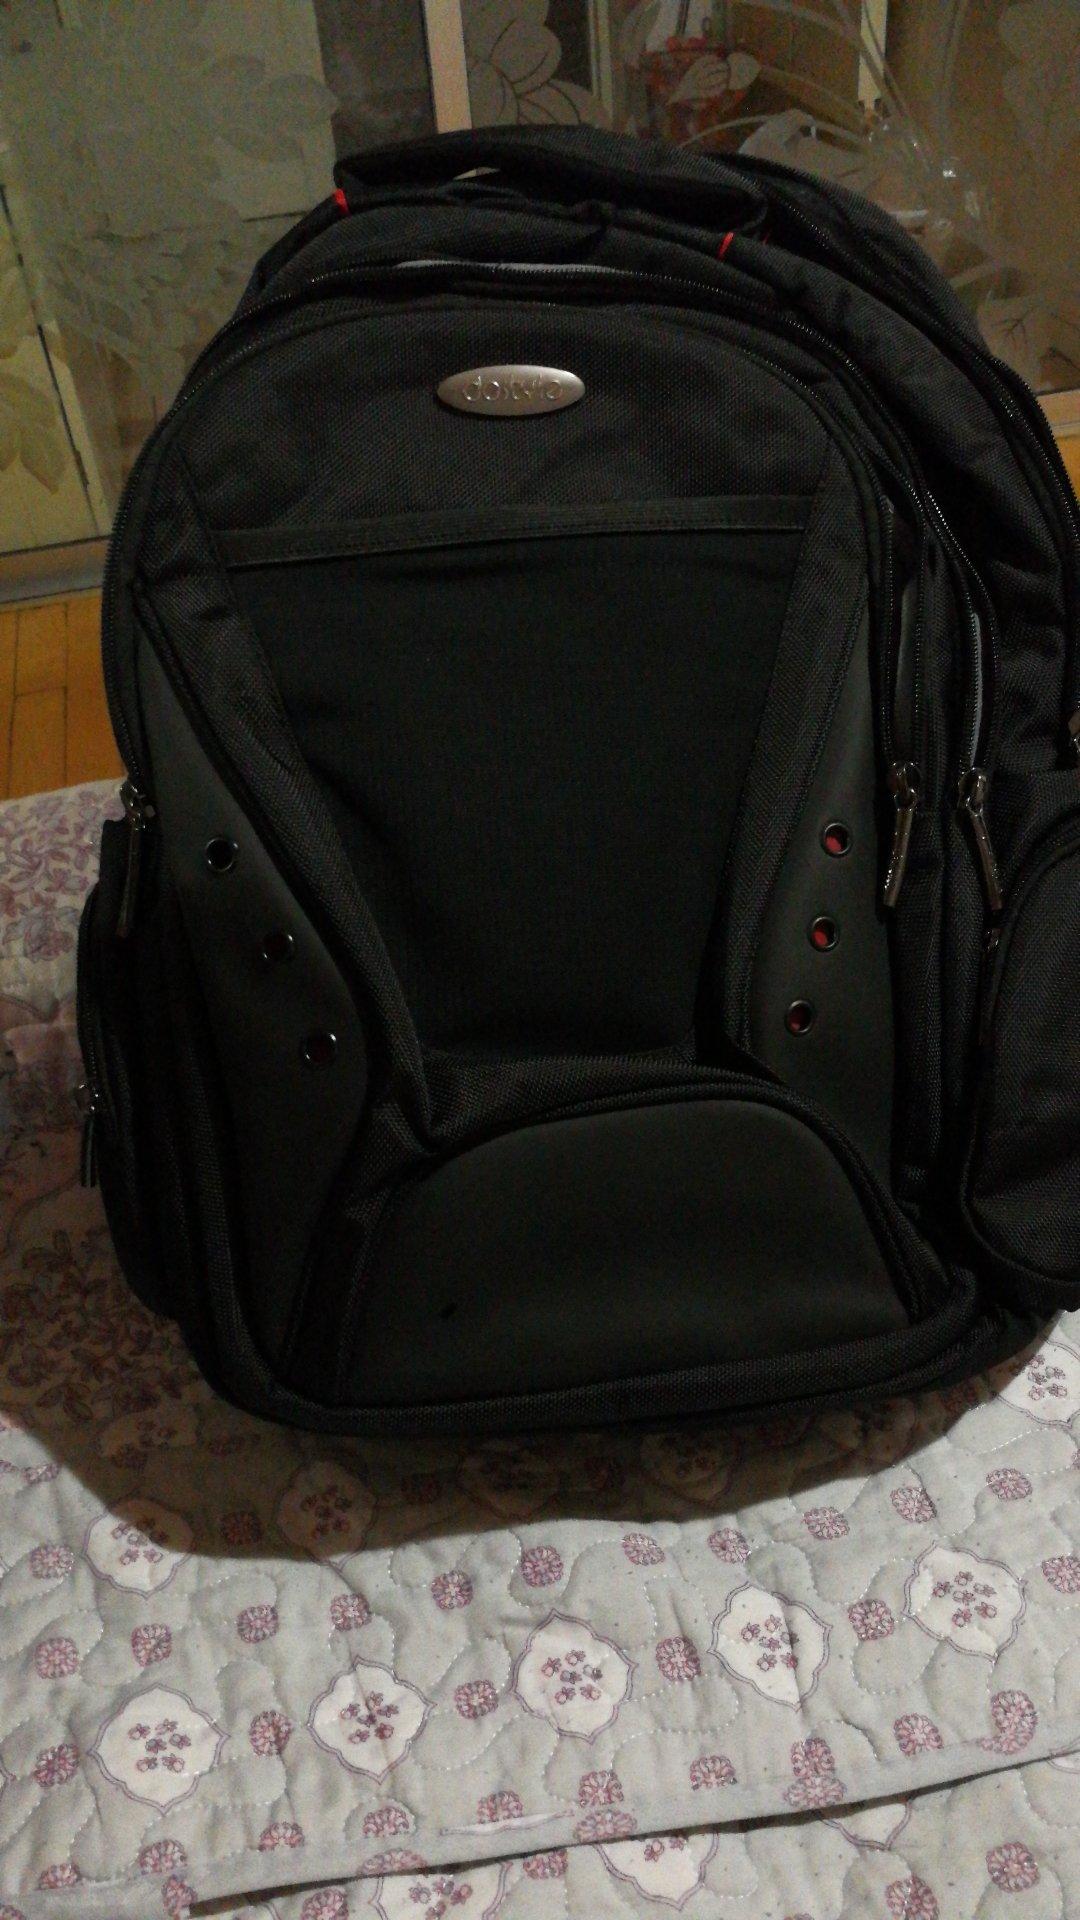 black handbags designer 00212425 forsale